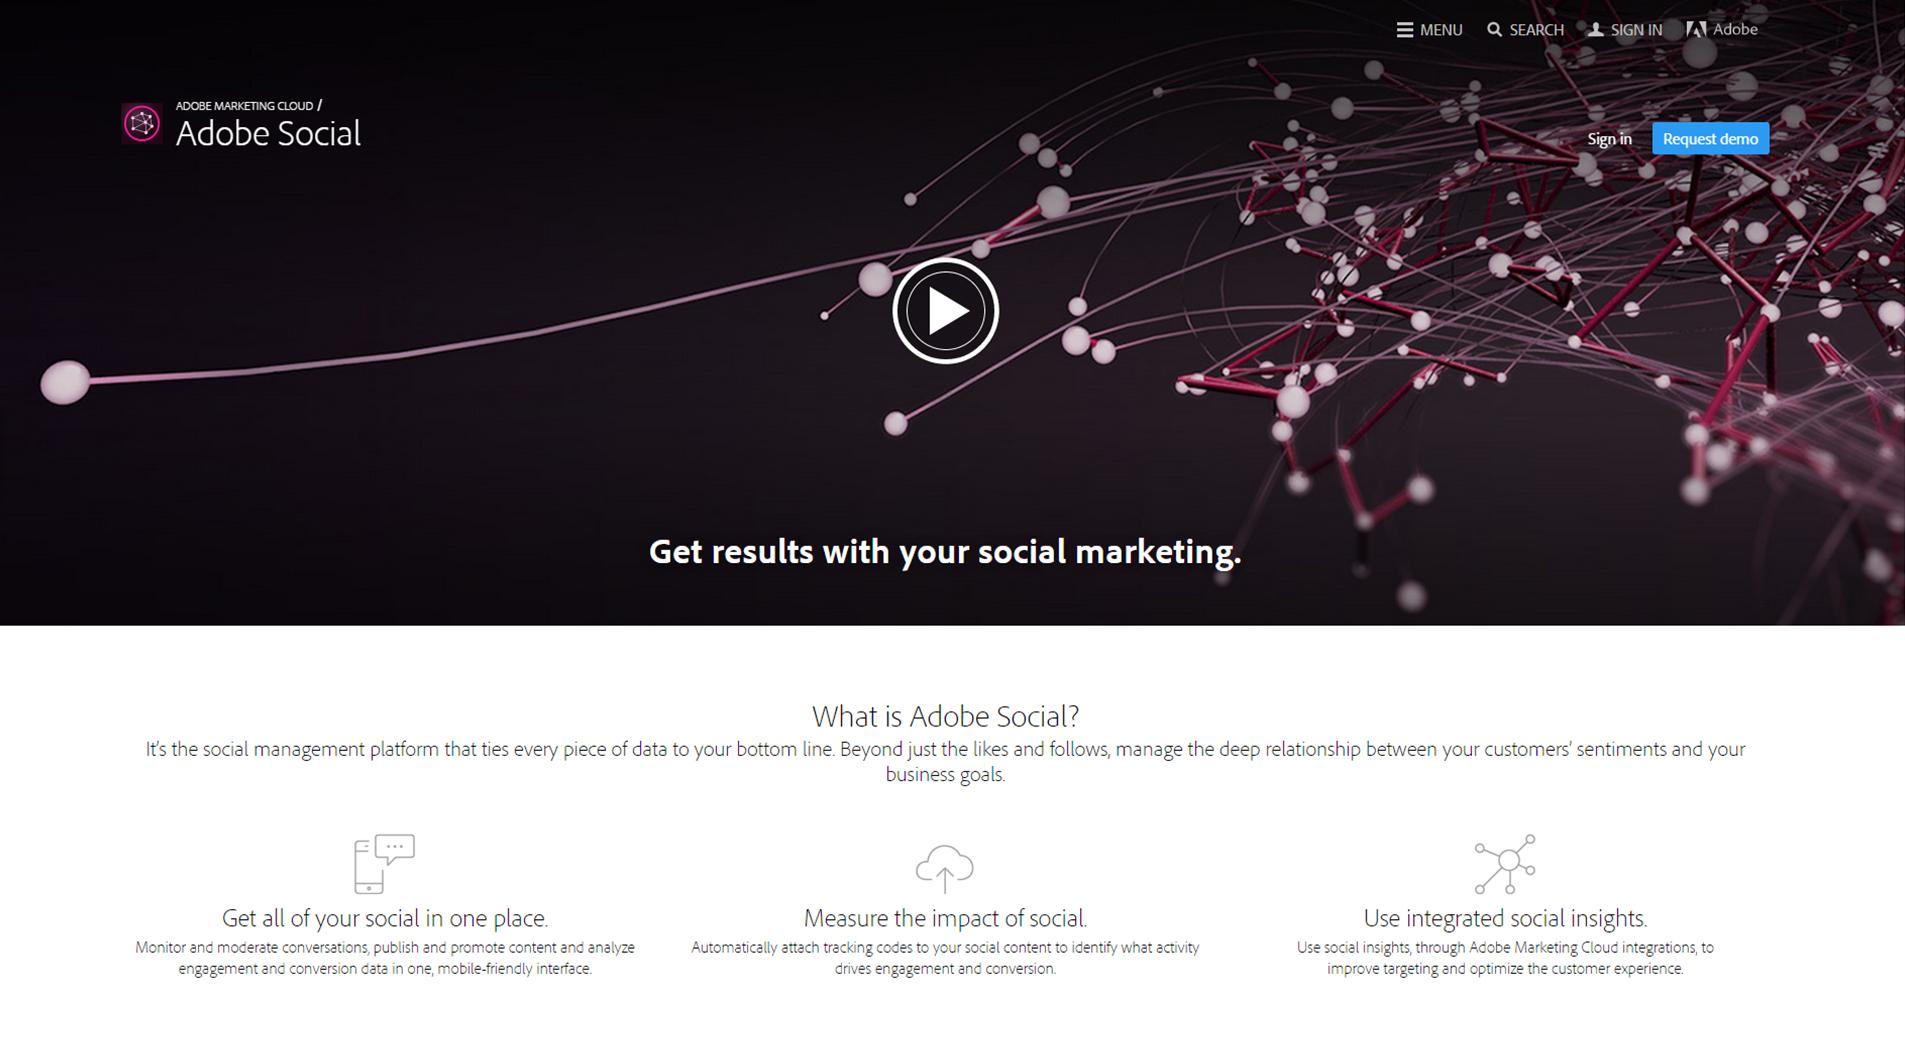 Adobe_Social_01.jpg